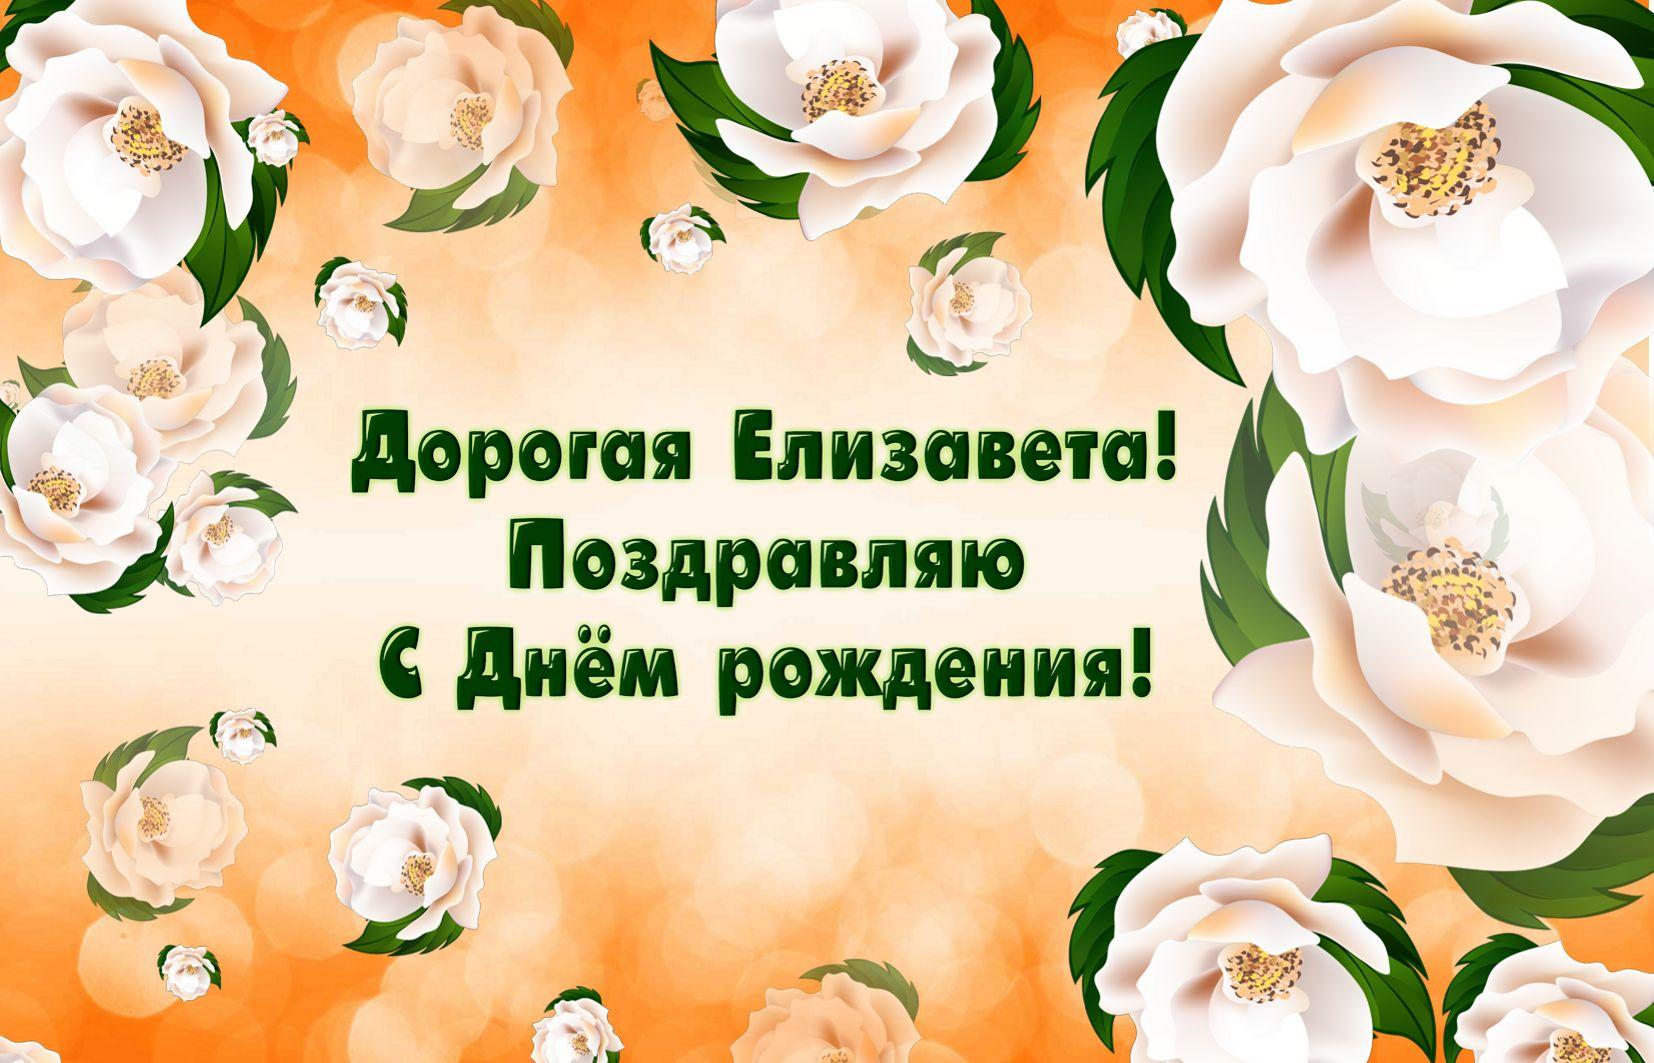 Открытка на День рождения - поздравление и цветы для Елизаветы